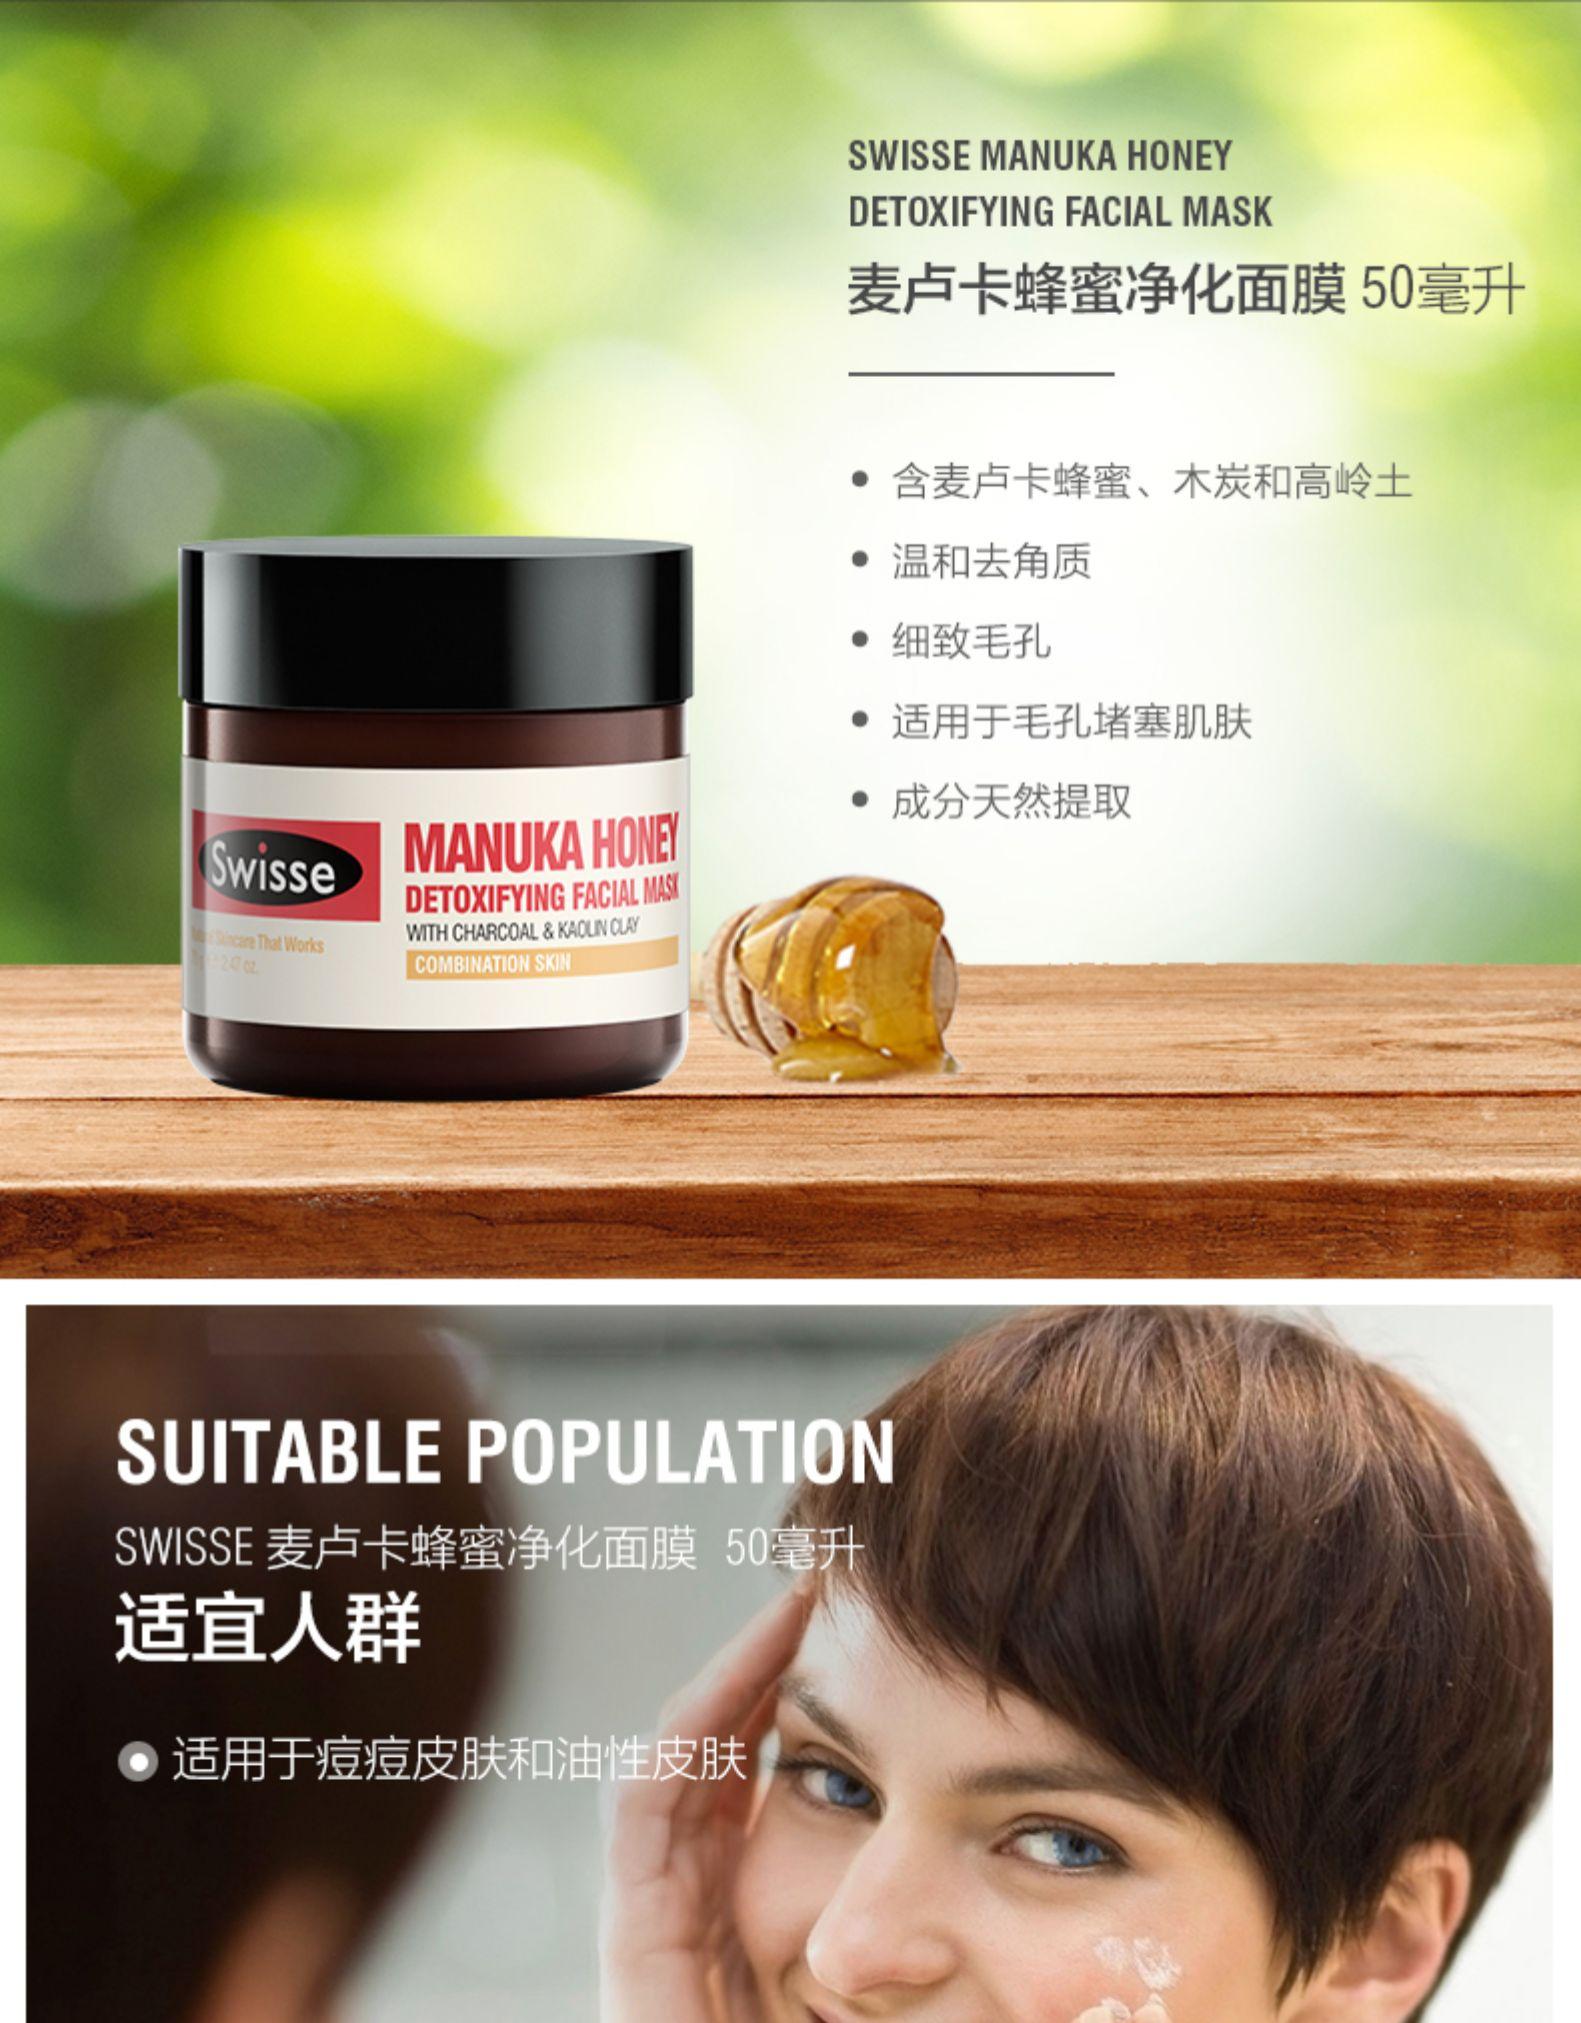 澳洲swisse进口麦卢卡蜂蜜面膜 深层清洁滋润面膜¥149.00 我们的产品 第4张